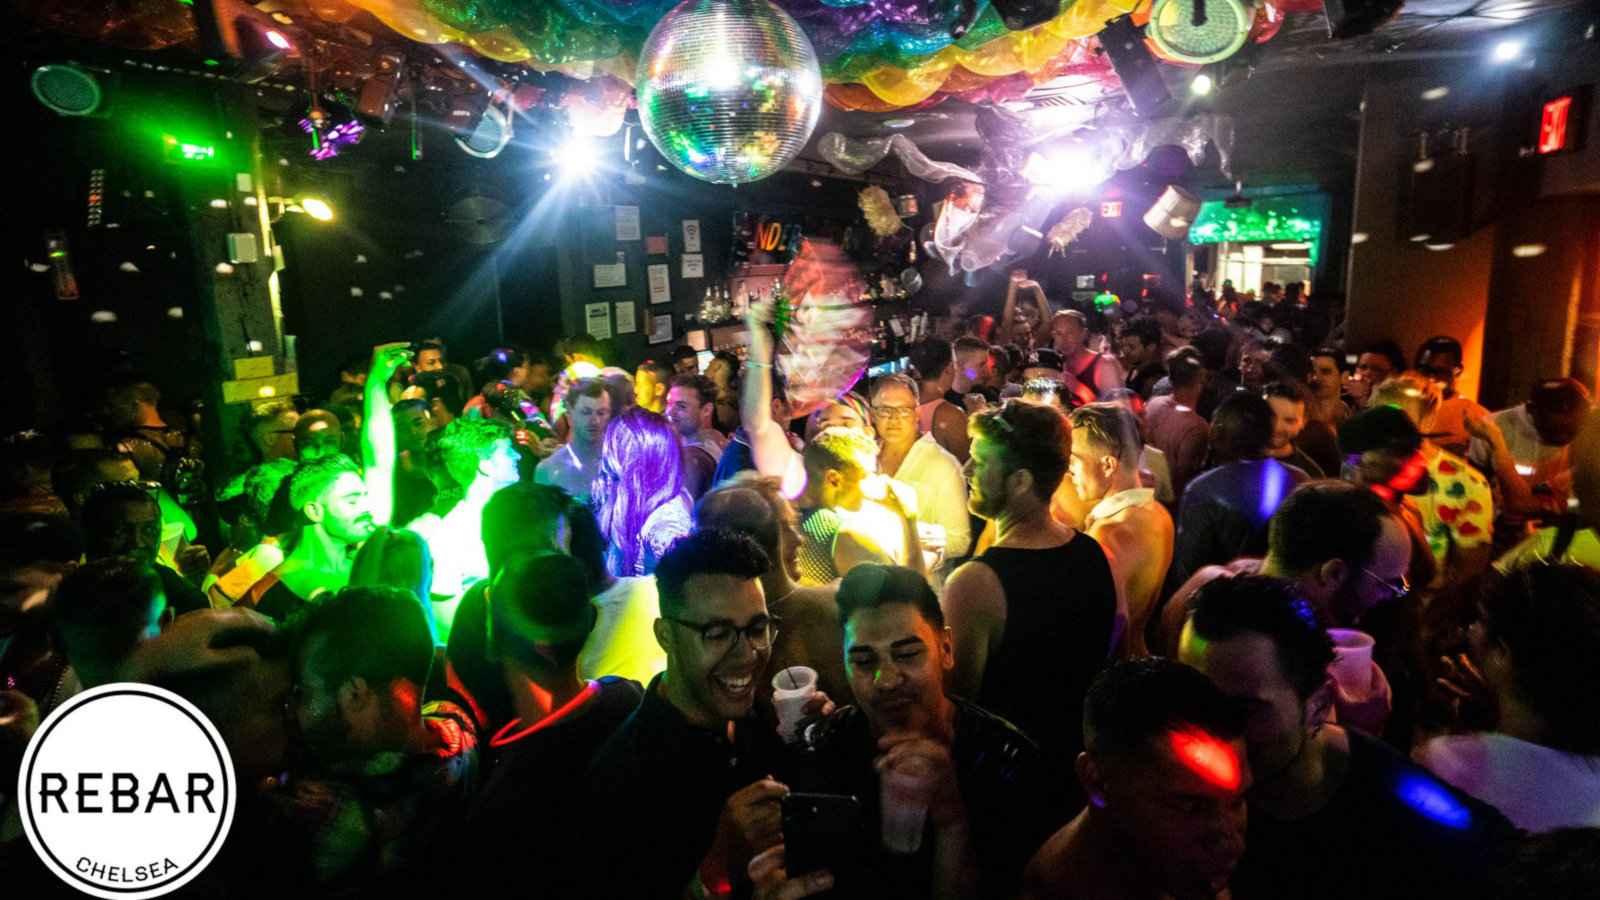 Rebar é um bar gay fabuloso na cidade de Nova York, no bairro de Chelsea